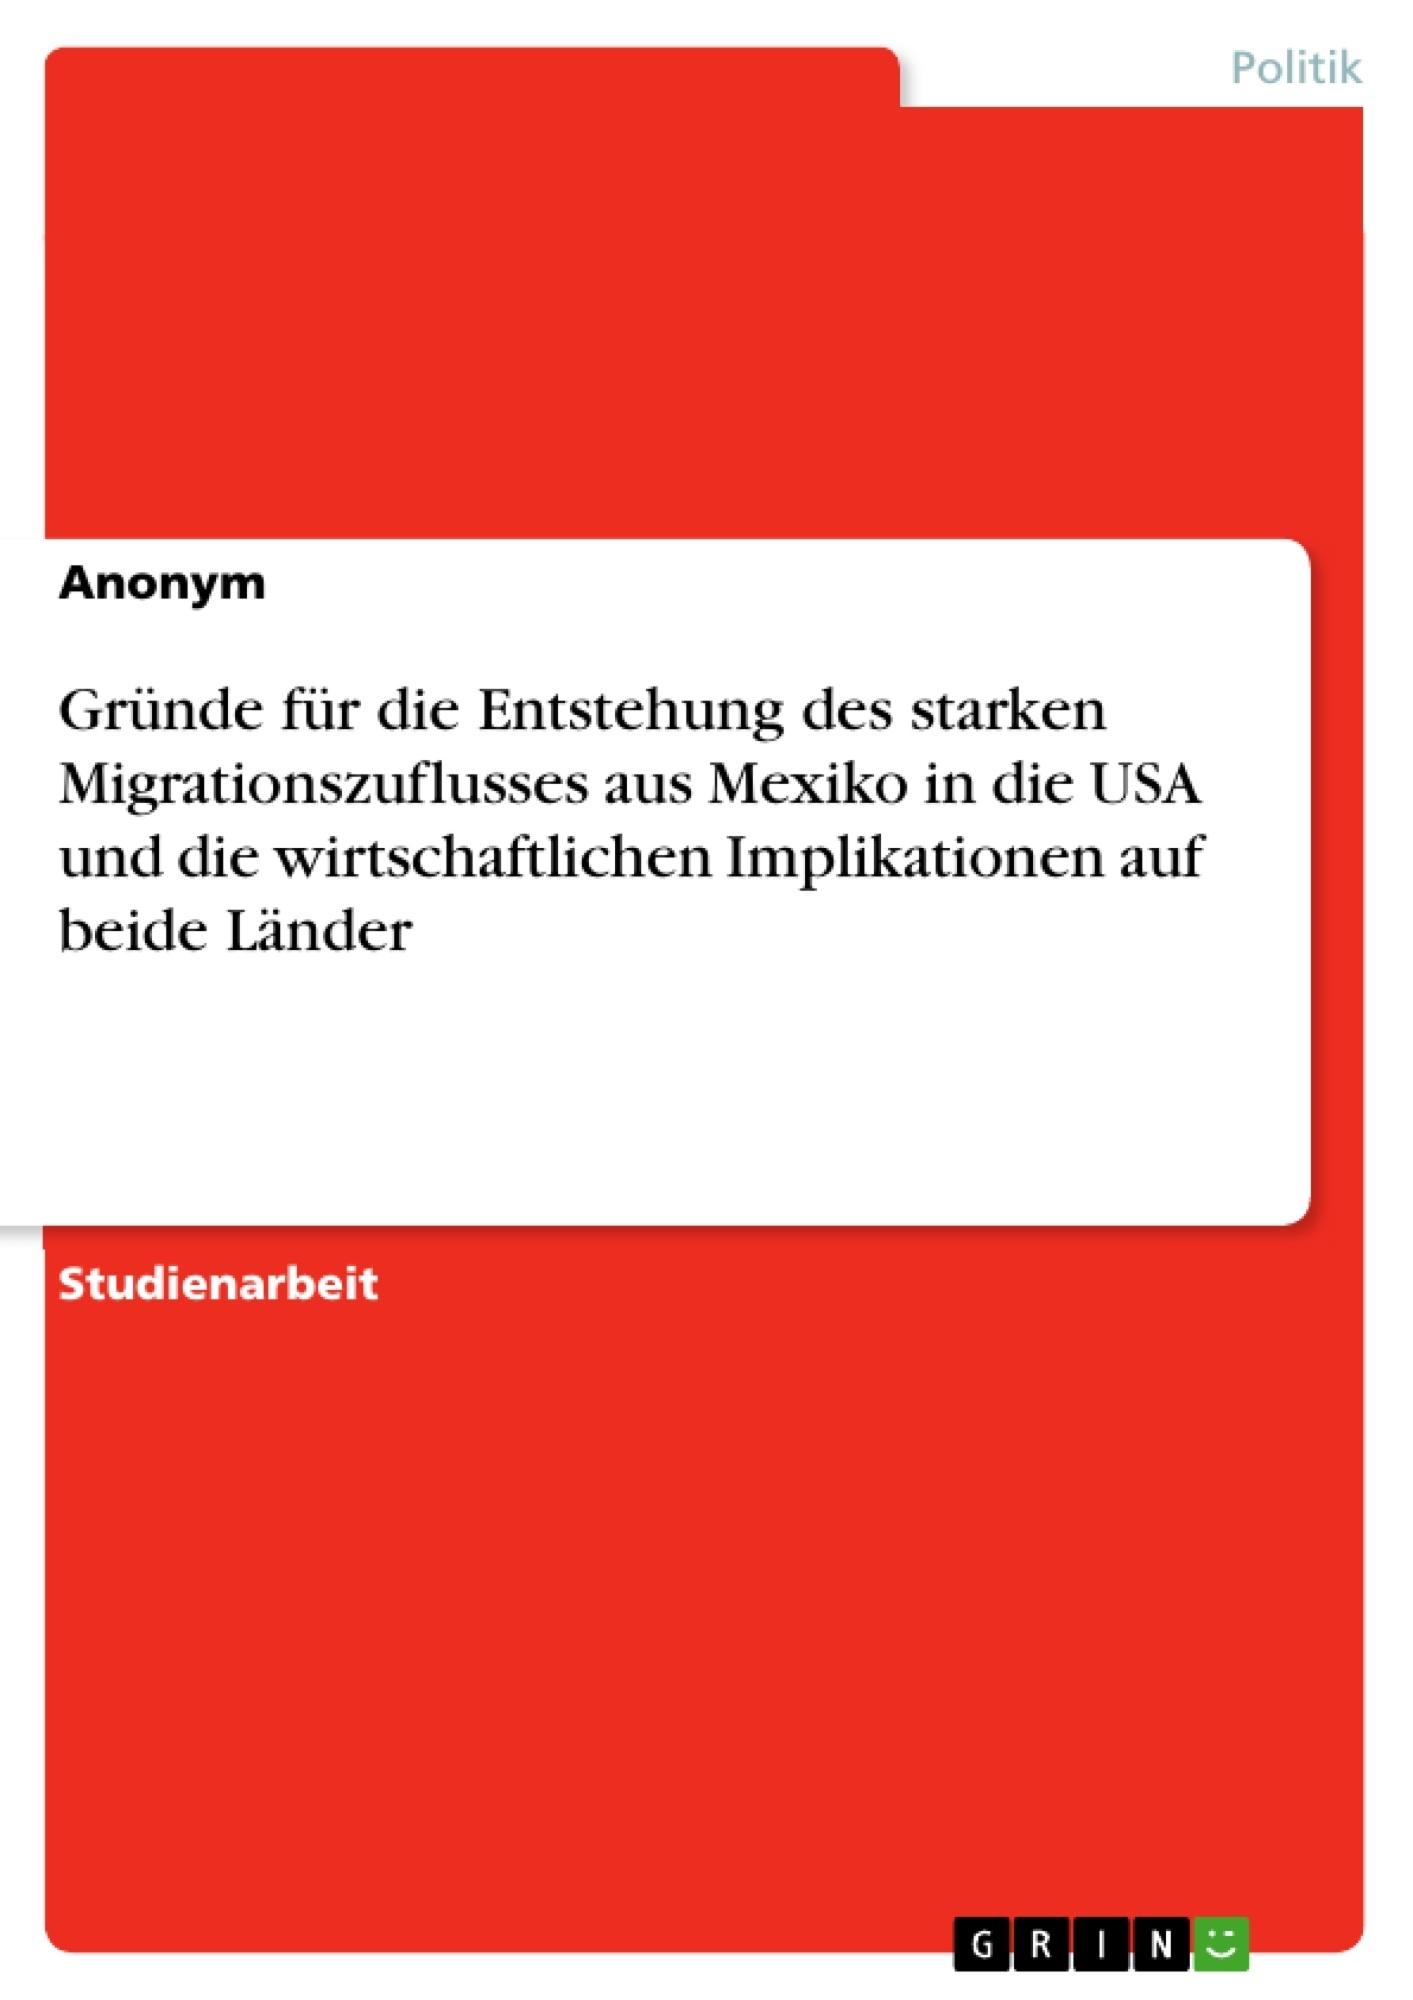 Titel: Gründe für die Entstehung des starken Migrationszuflusses aus Mexiko in die USA und die wirtschaftlichen Implikationen auf beide Länder